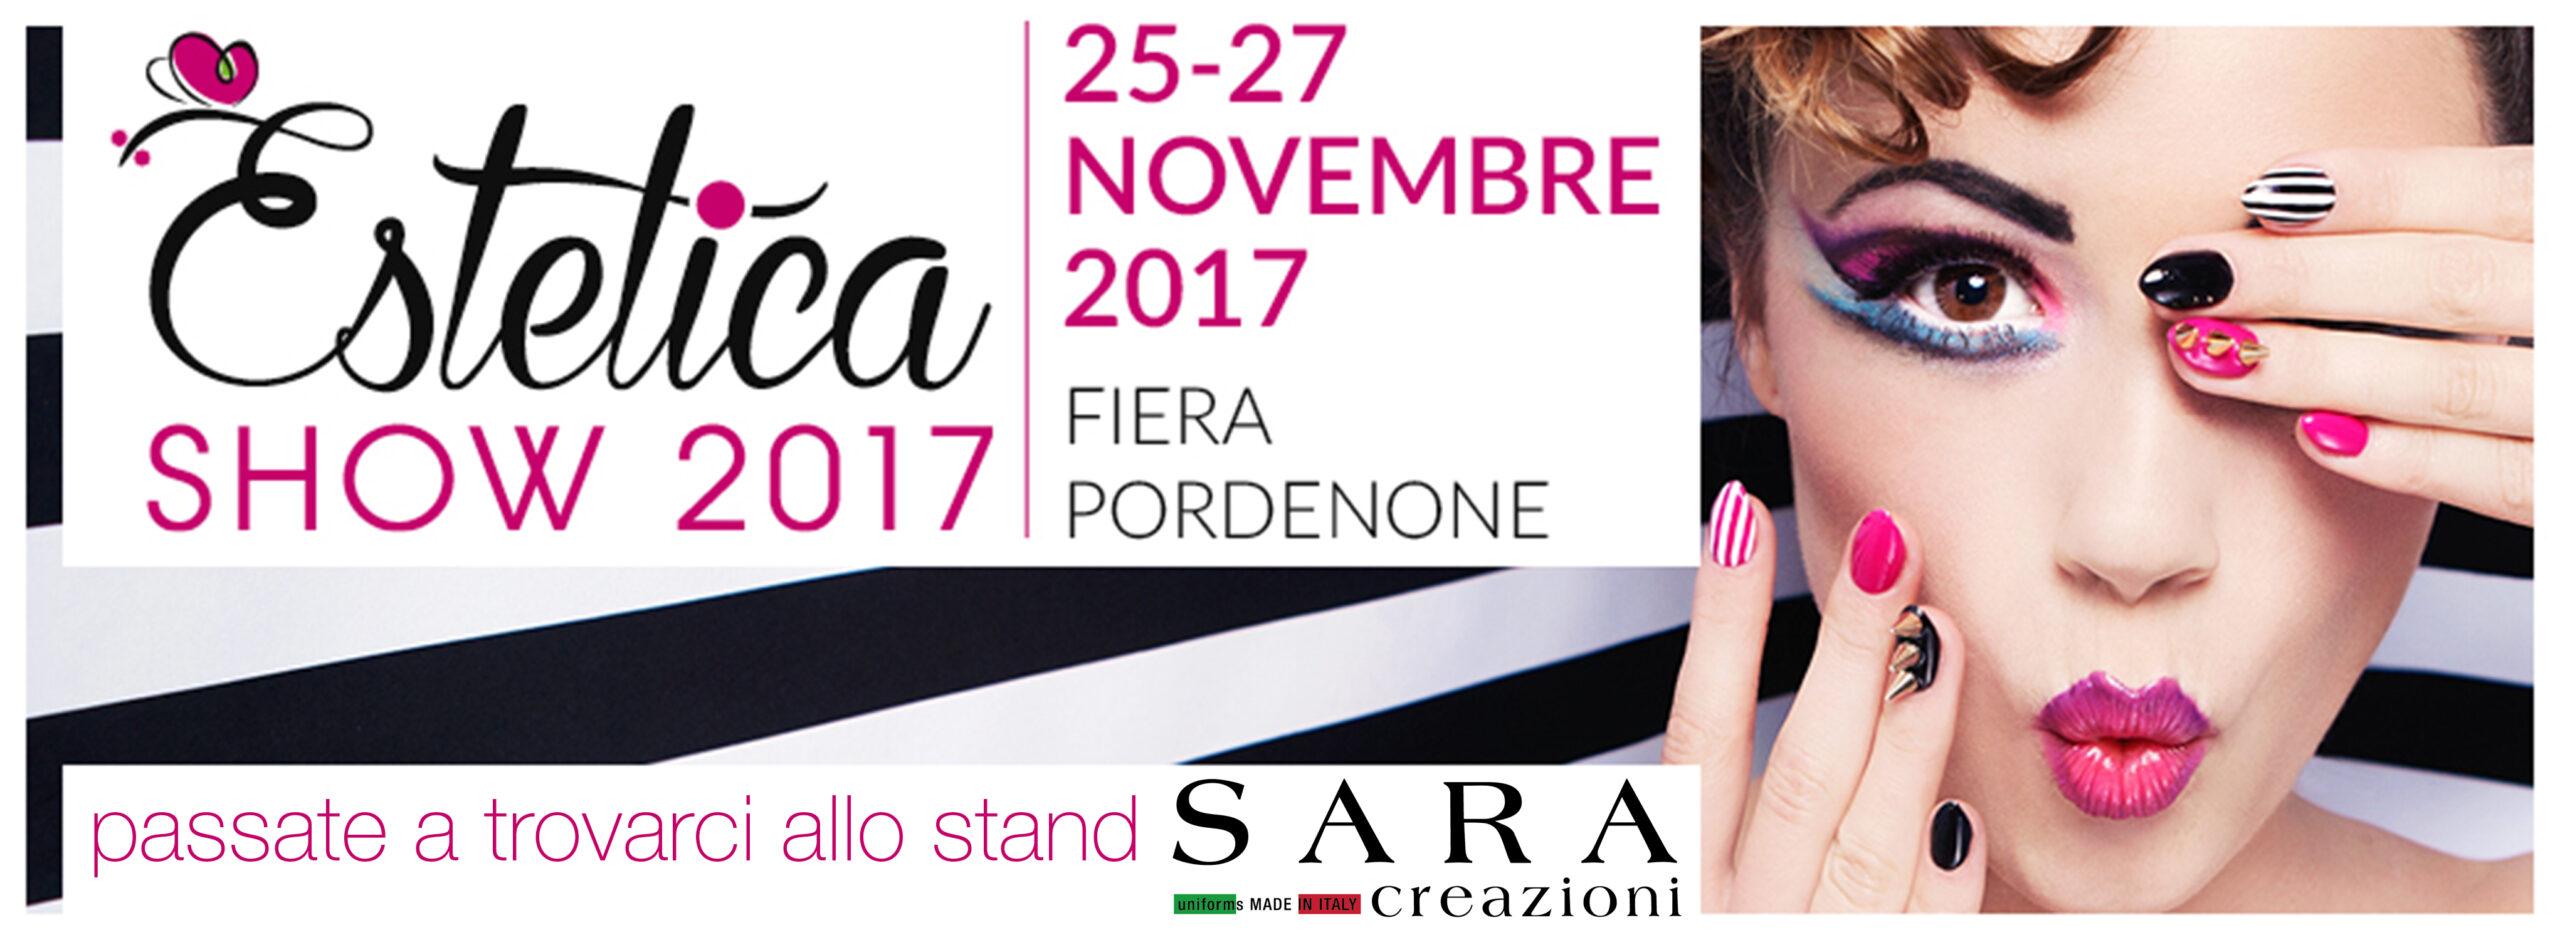 estetica-show-2017-pordenone